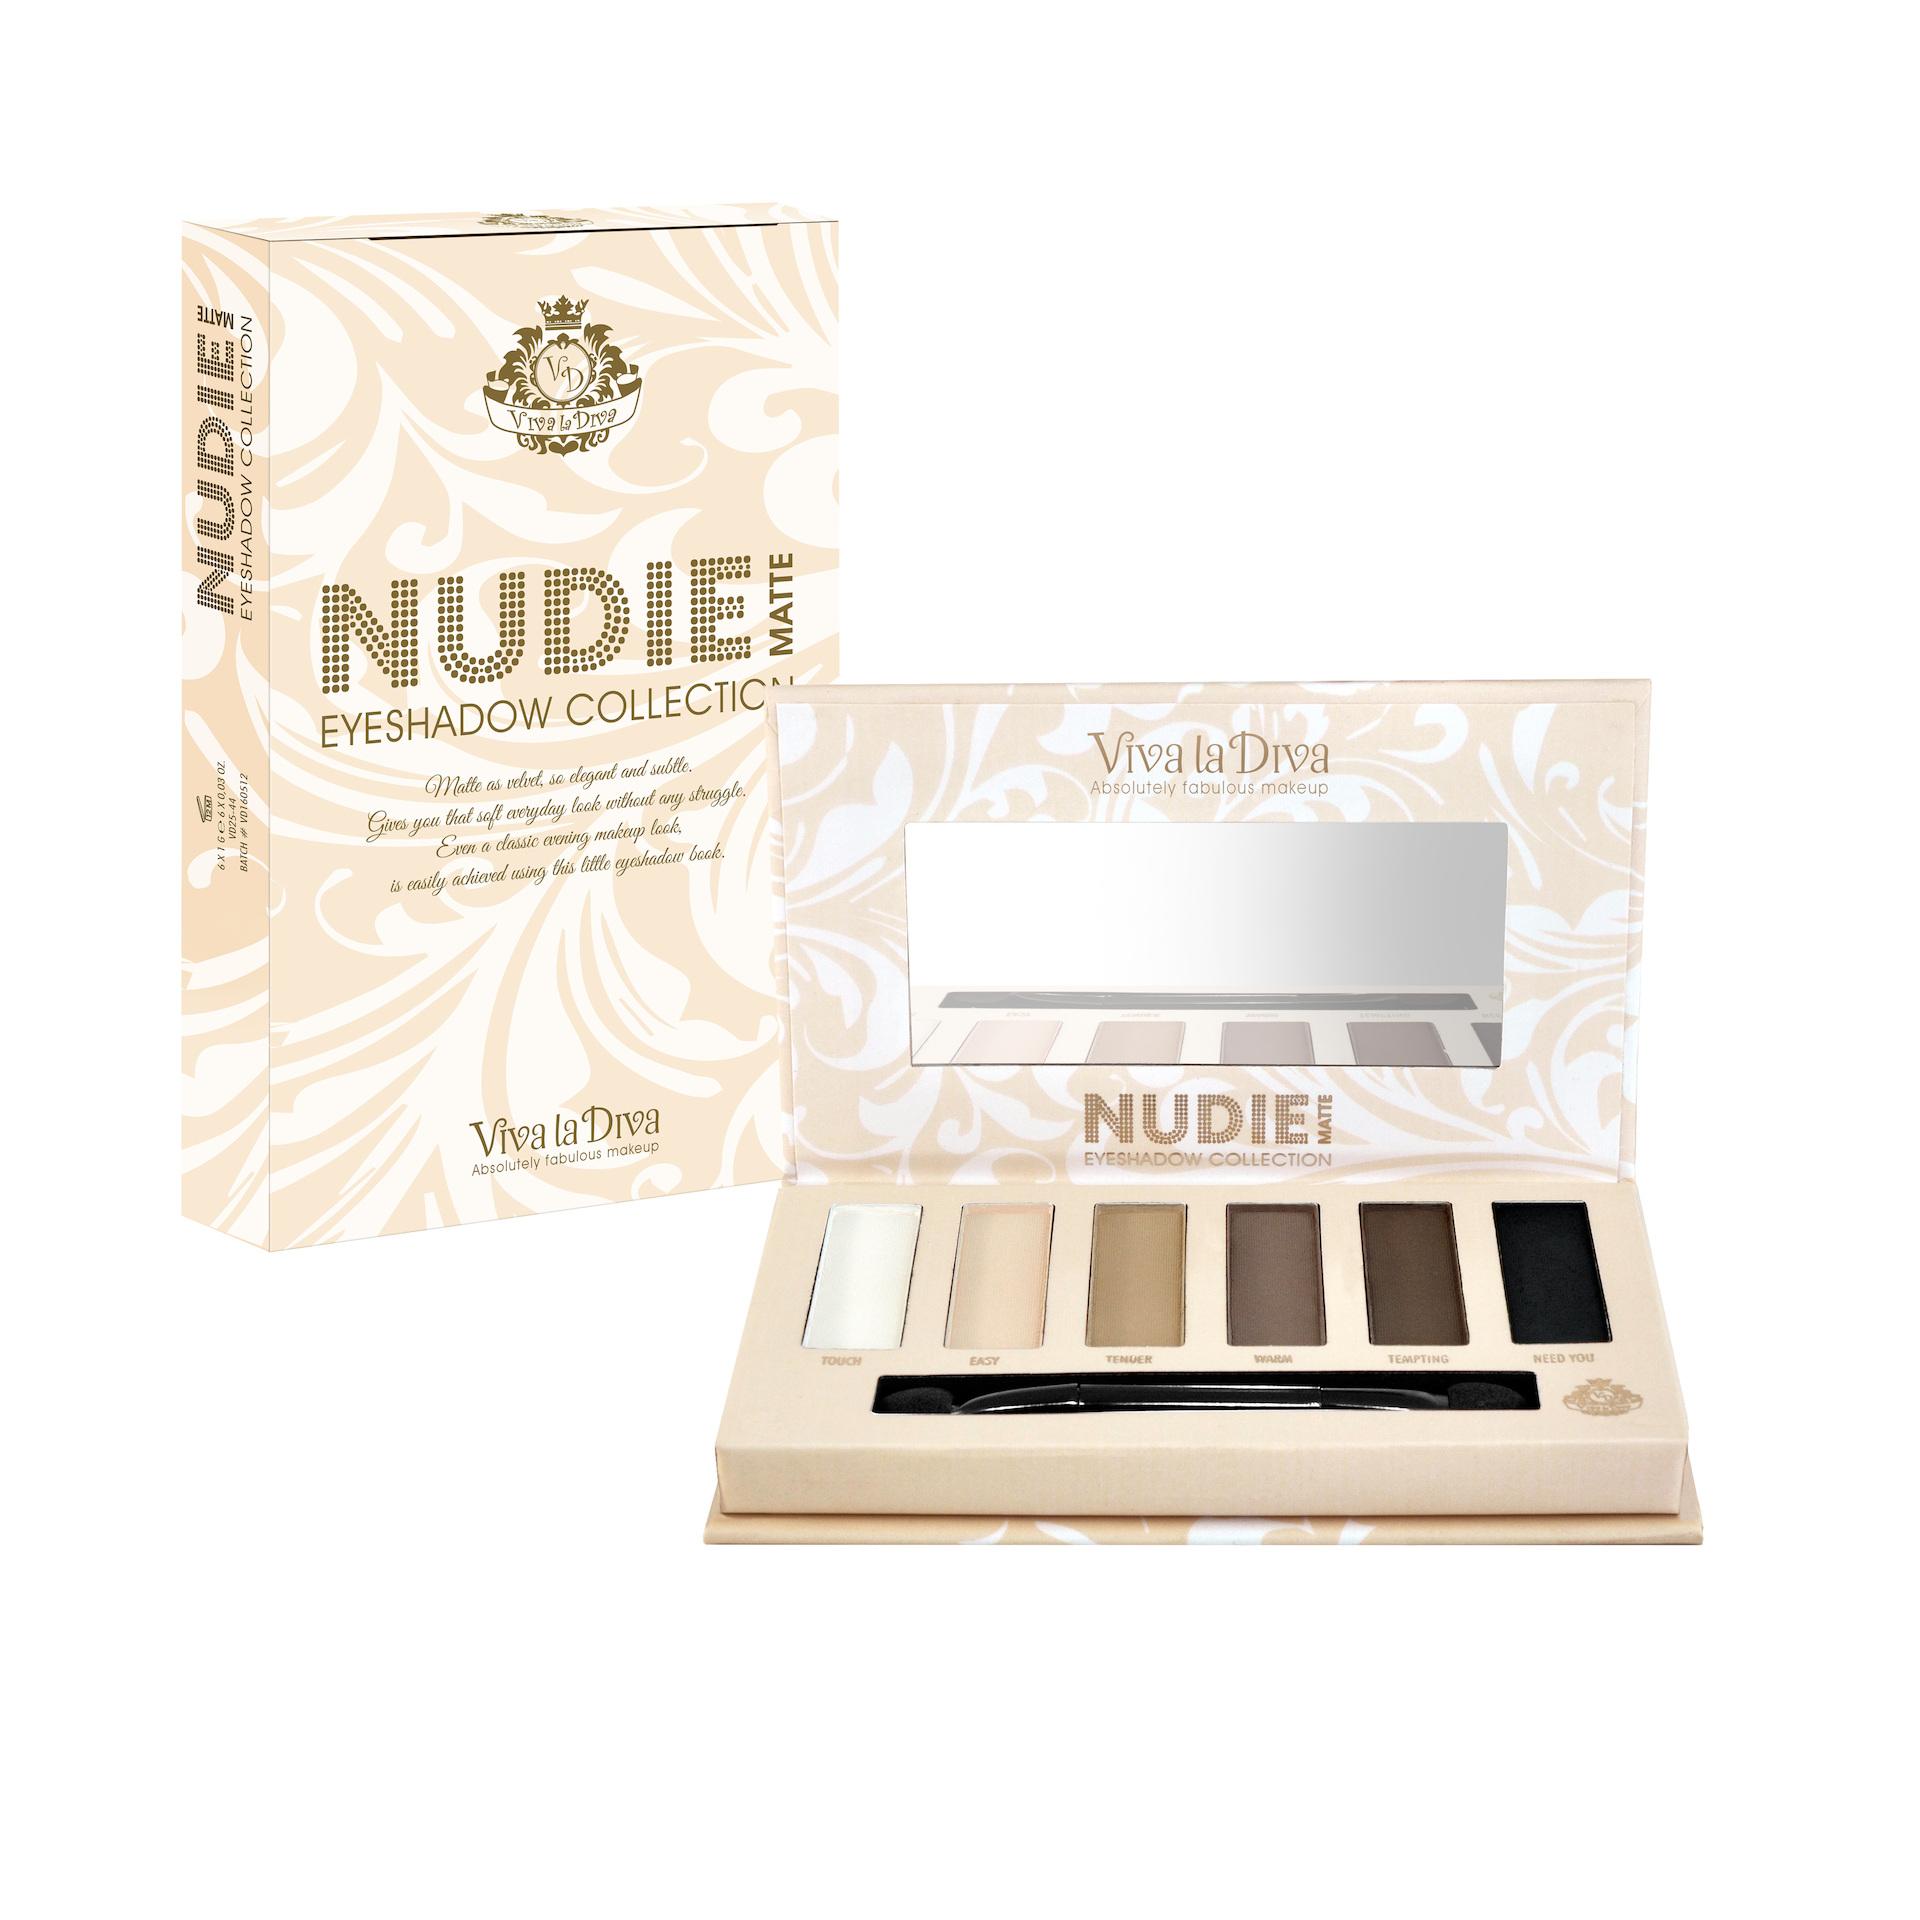 Nudie Matte Eyeshadows